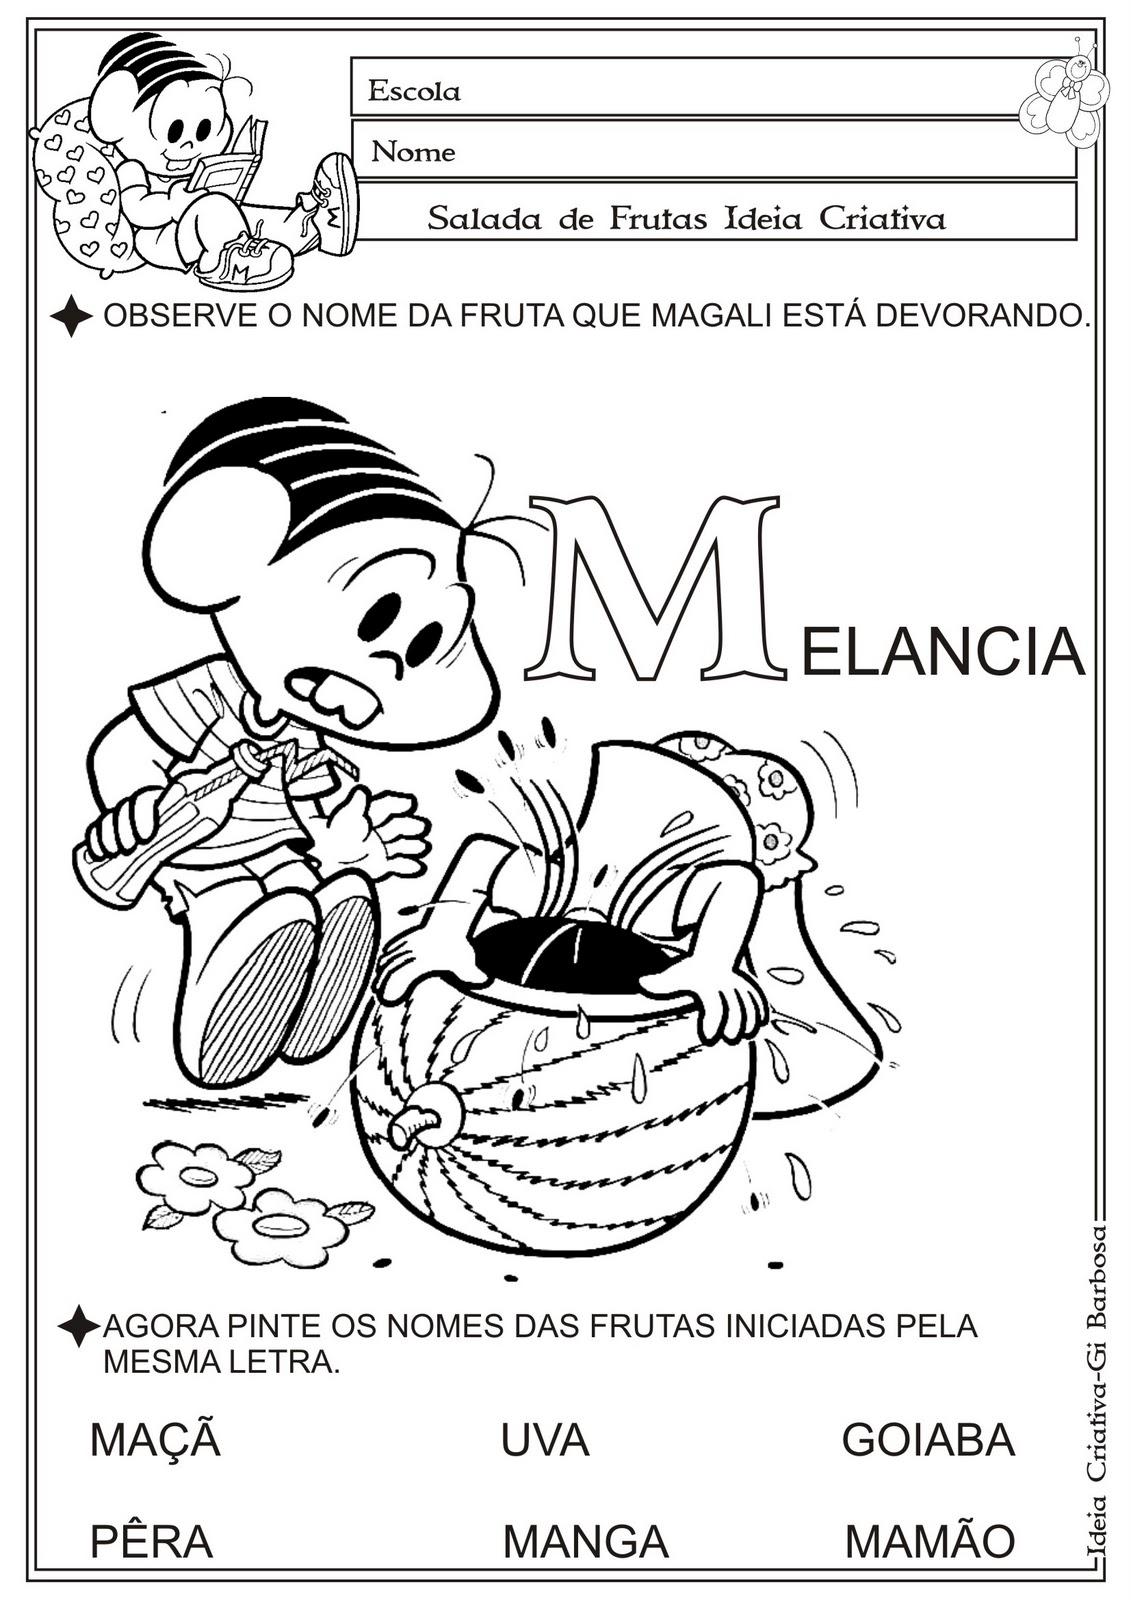 Excepcional Atividade Temática Alimentação Saudável Letra M | Ideia Criativa  YU97